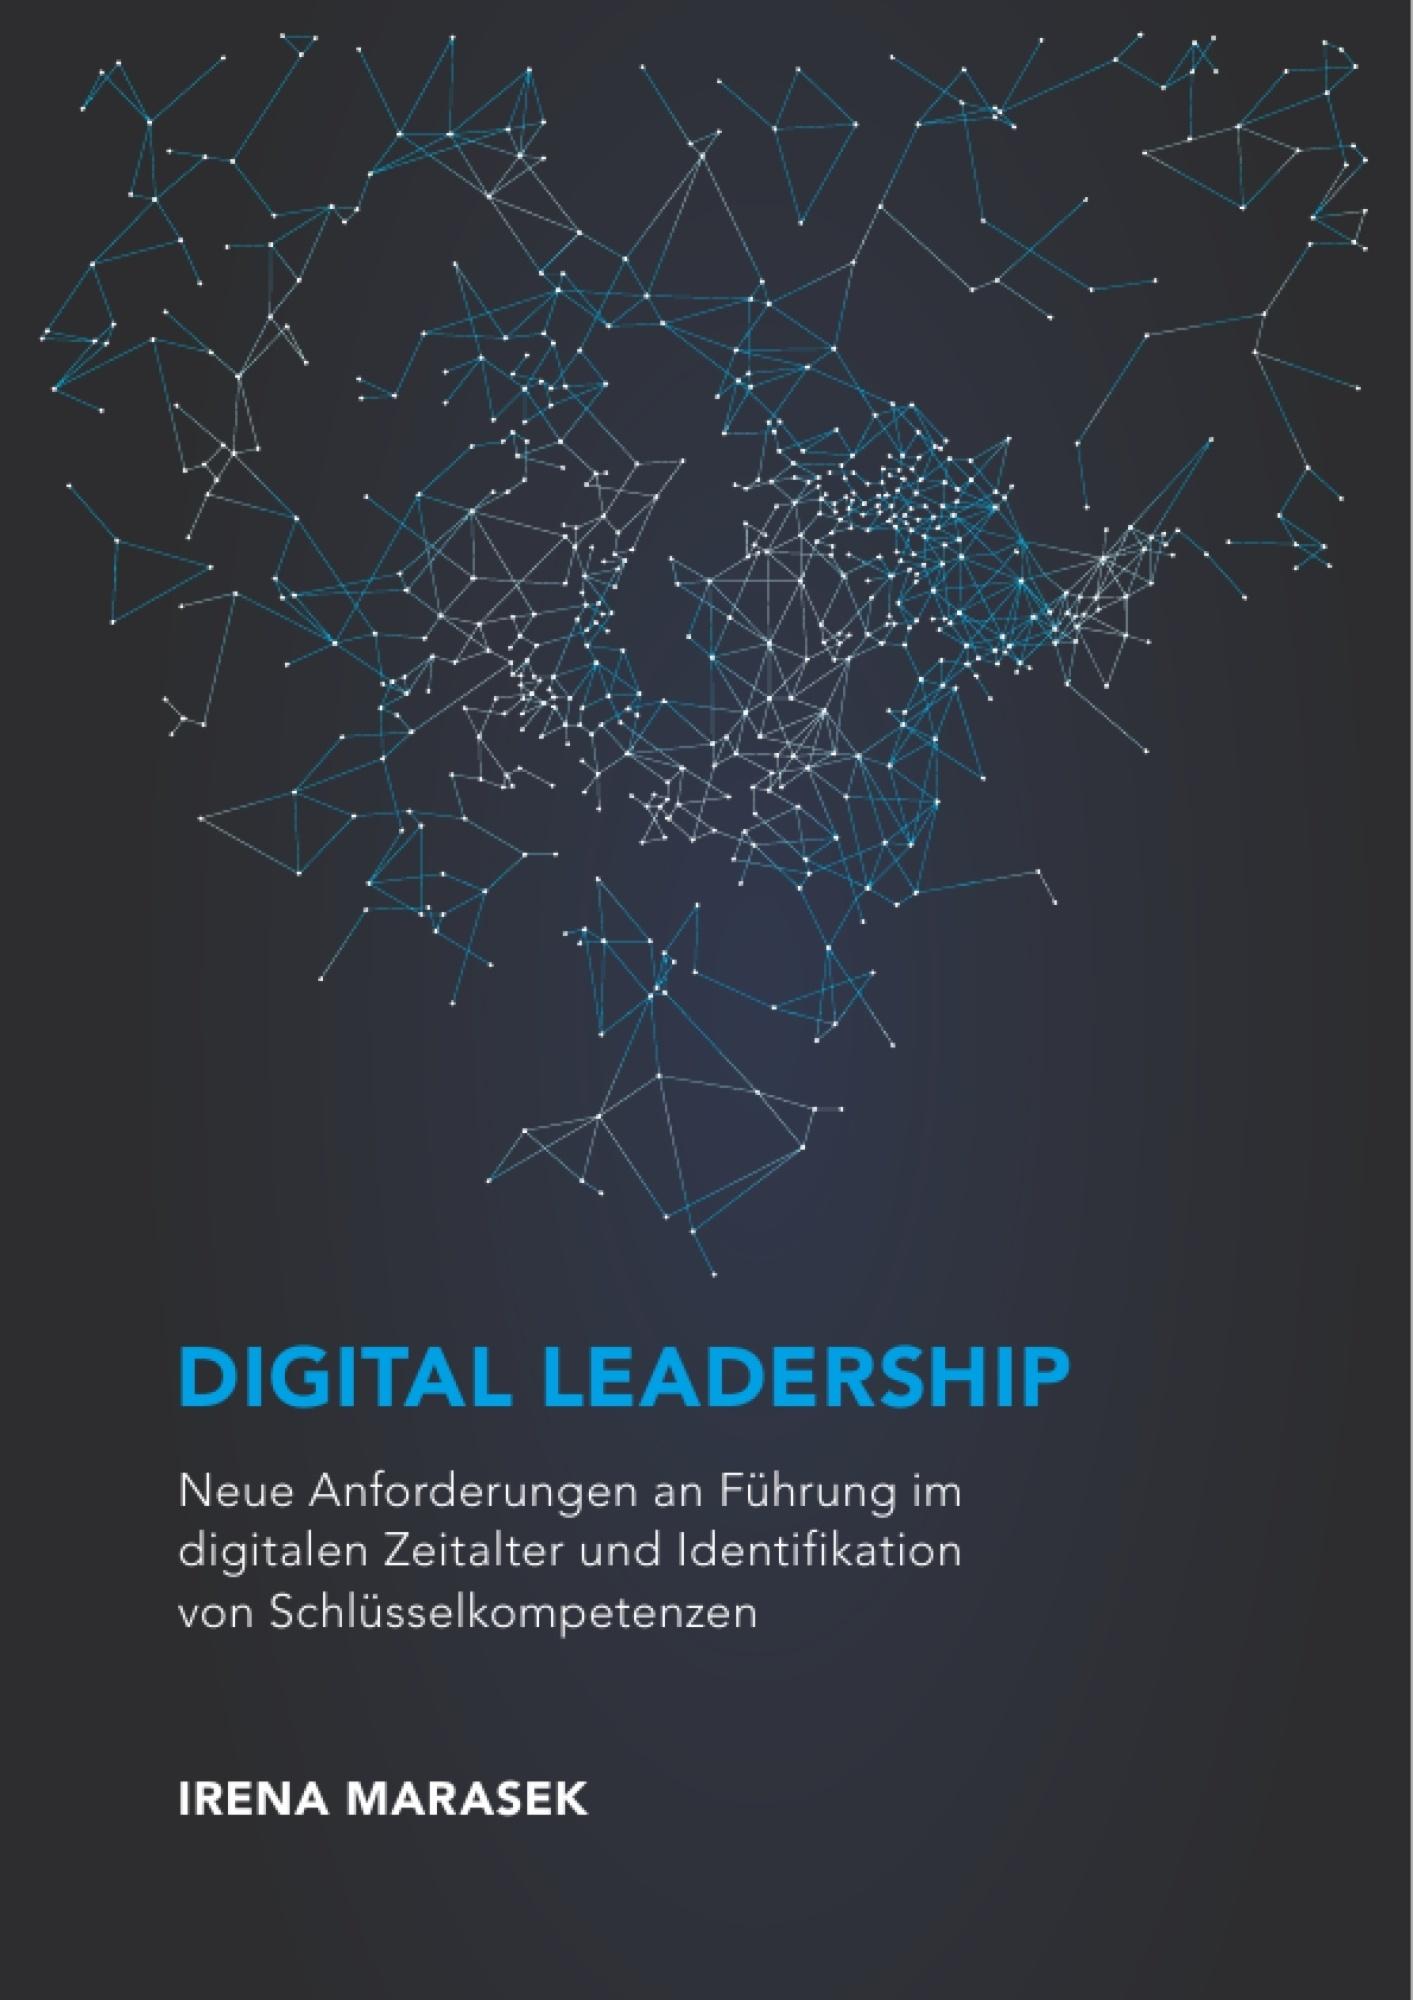 Titre: Digital Leadership. Neue Anforderungen an Führung im digitalen Zeitalter und Identifikation von Schlüsselkompetenzen